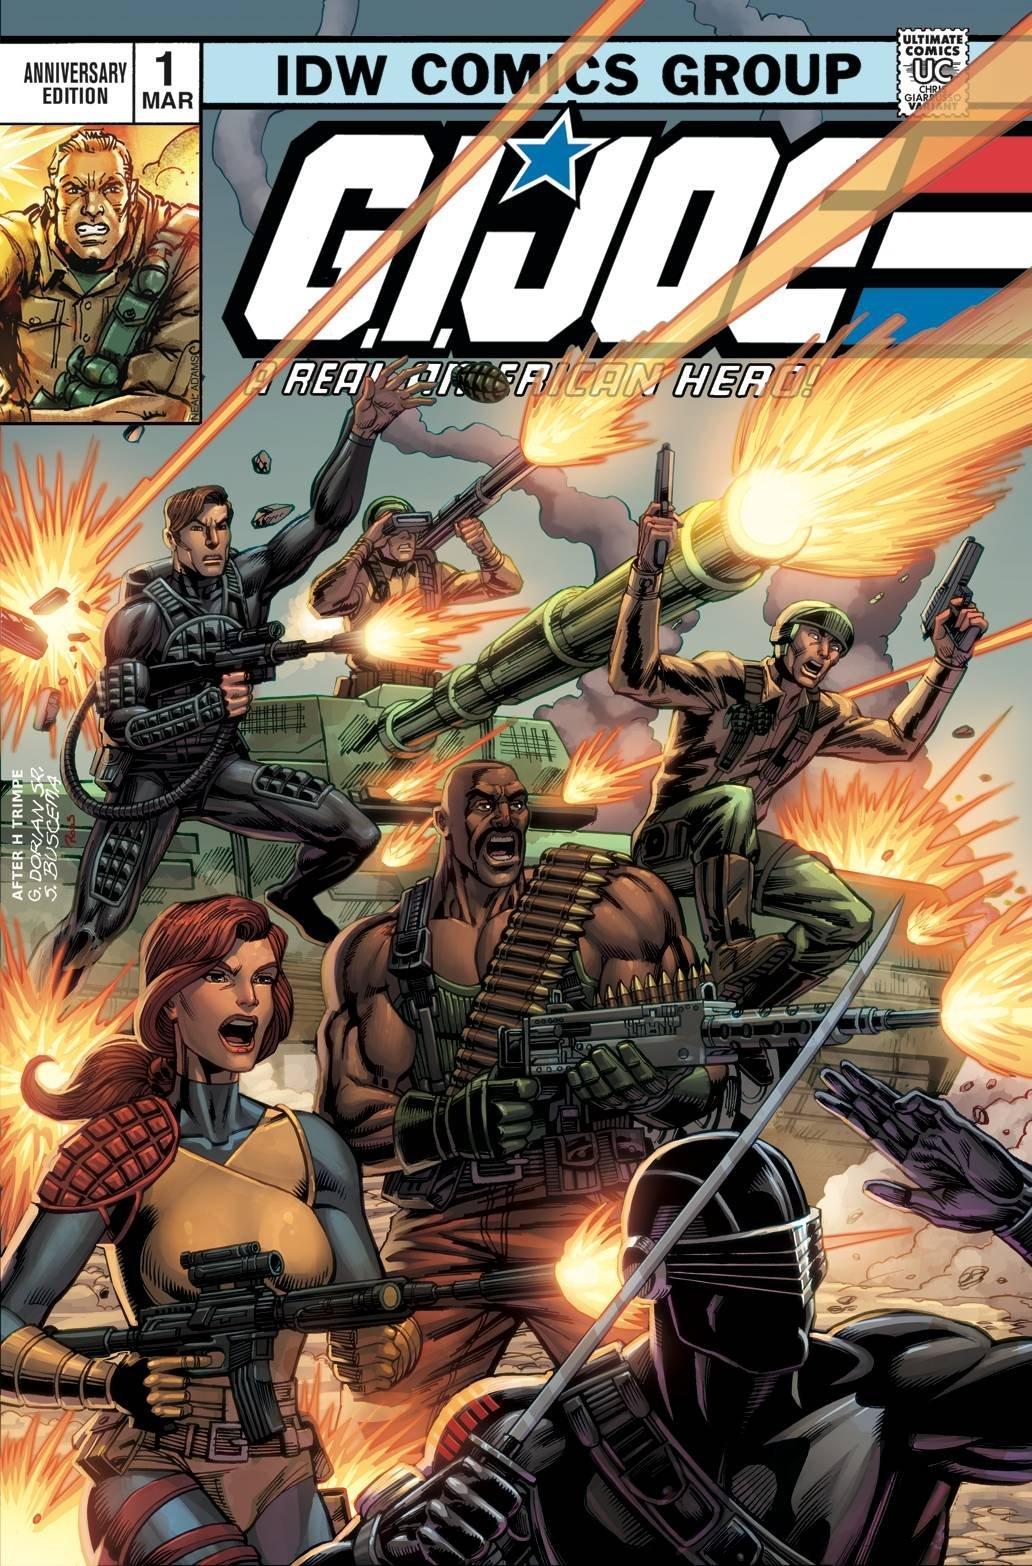 Read Online GI JOE A REAL AMERICAN HERO ANNV ED #1 pdf epub